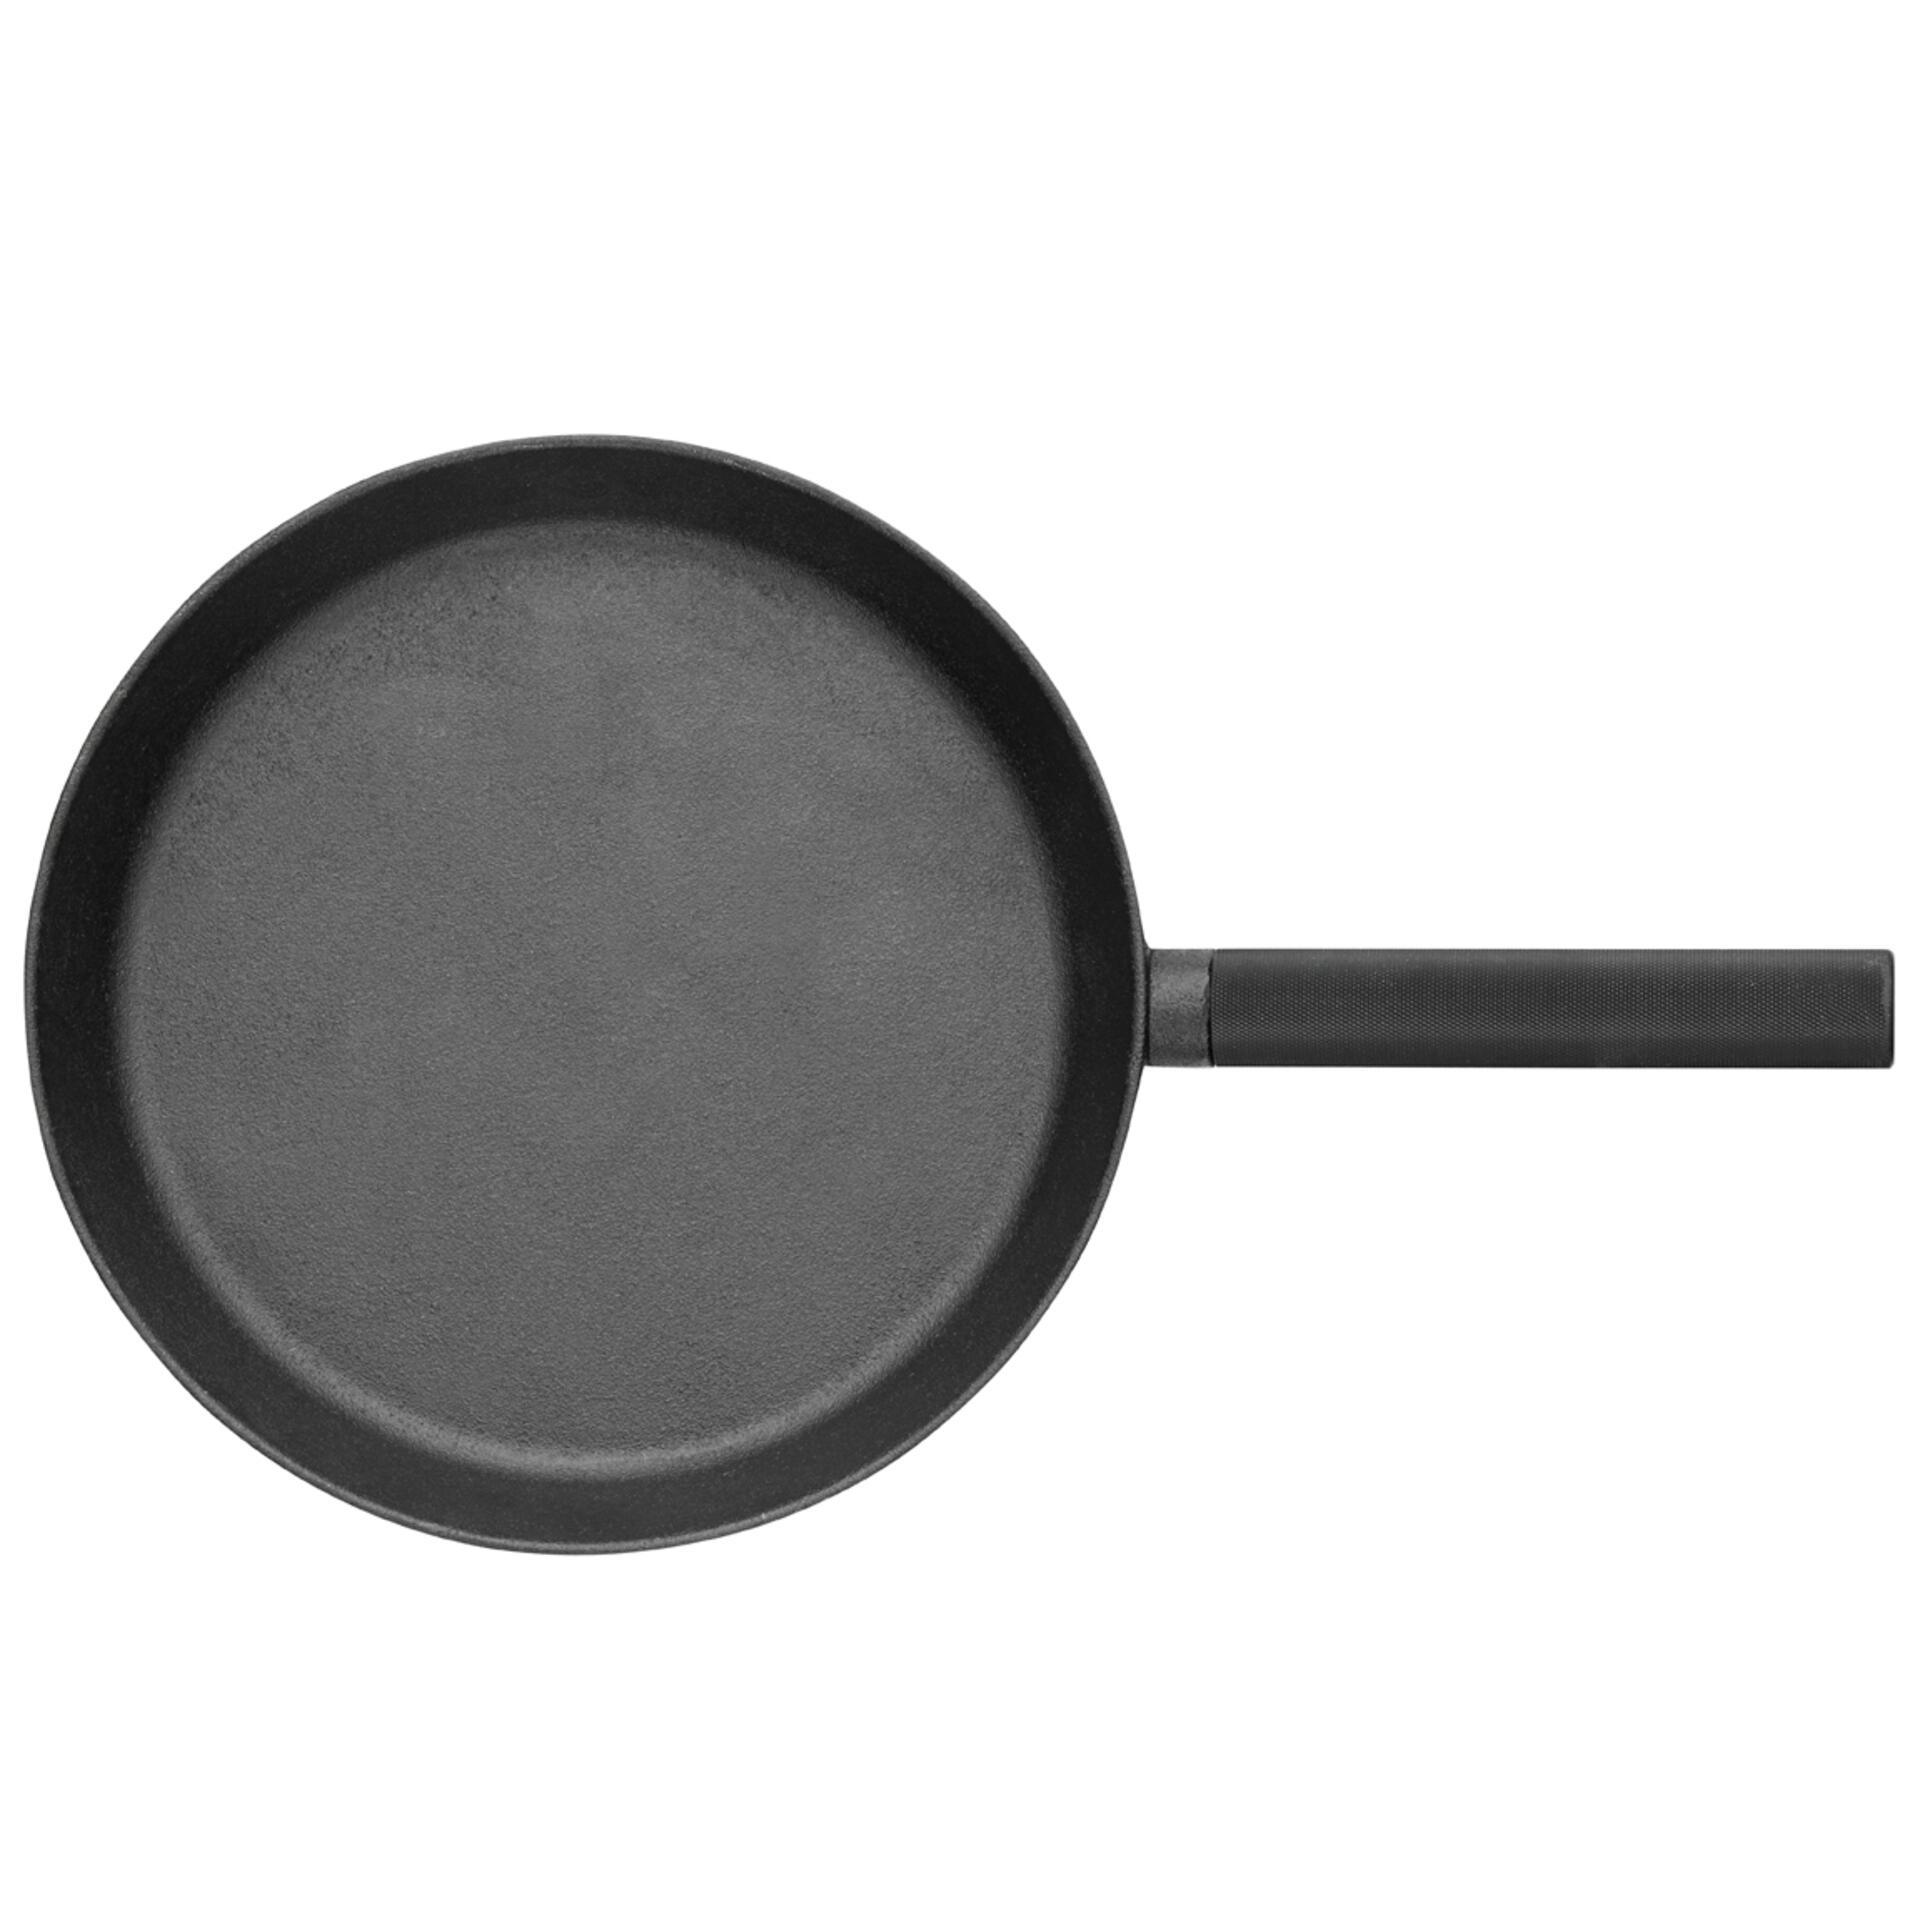 Skeppshult Noir Gusseisen Pfanne 28 cm